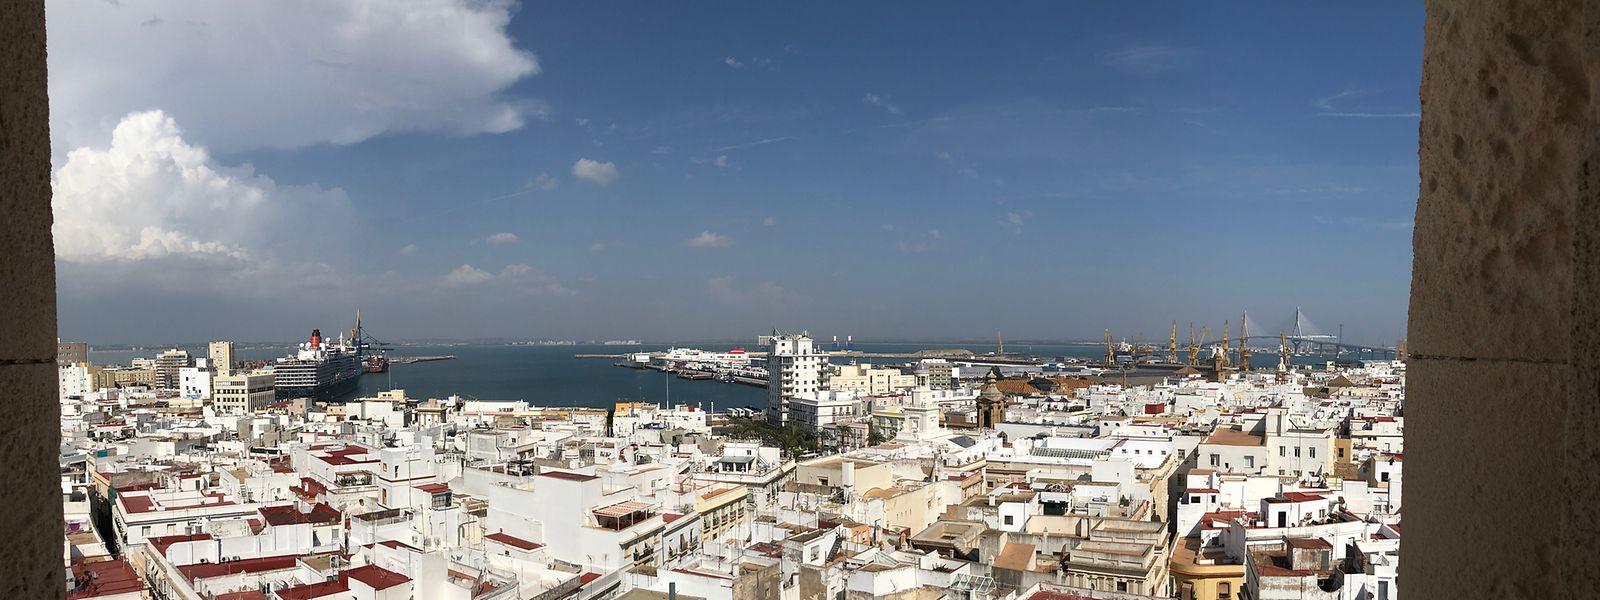 Zahlreiche Aussichtstürmchen zieren heute noch die Dächer Cádiz': Früher hielten Händler dort Ausschau nach der Rükkehr ihrer Schiffe.